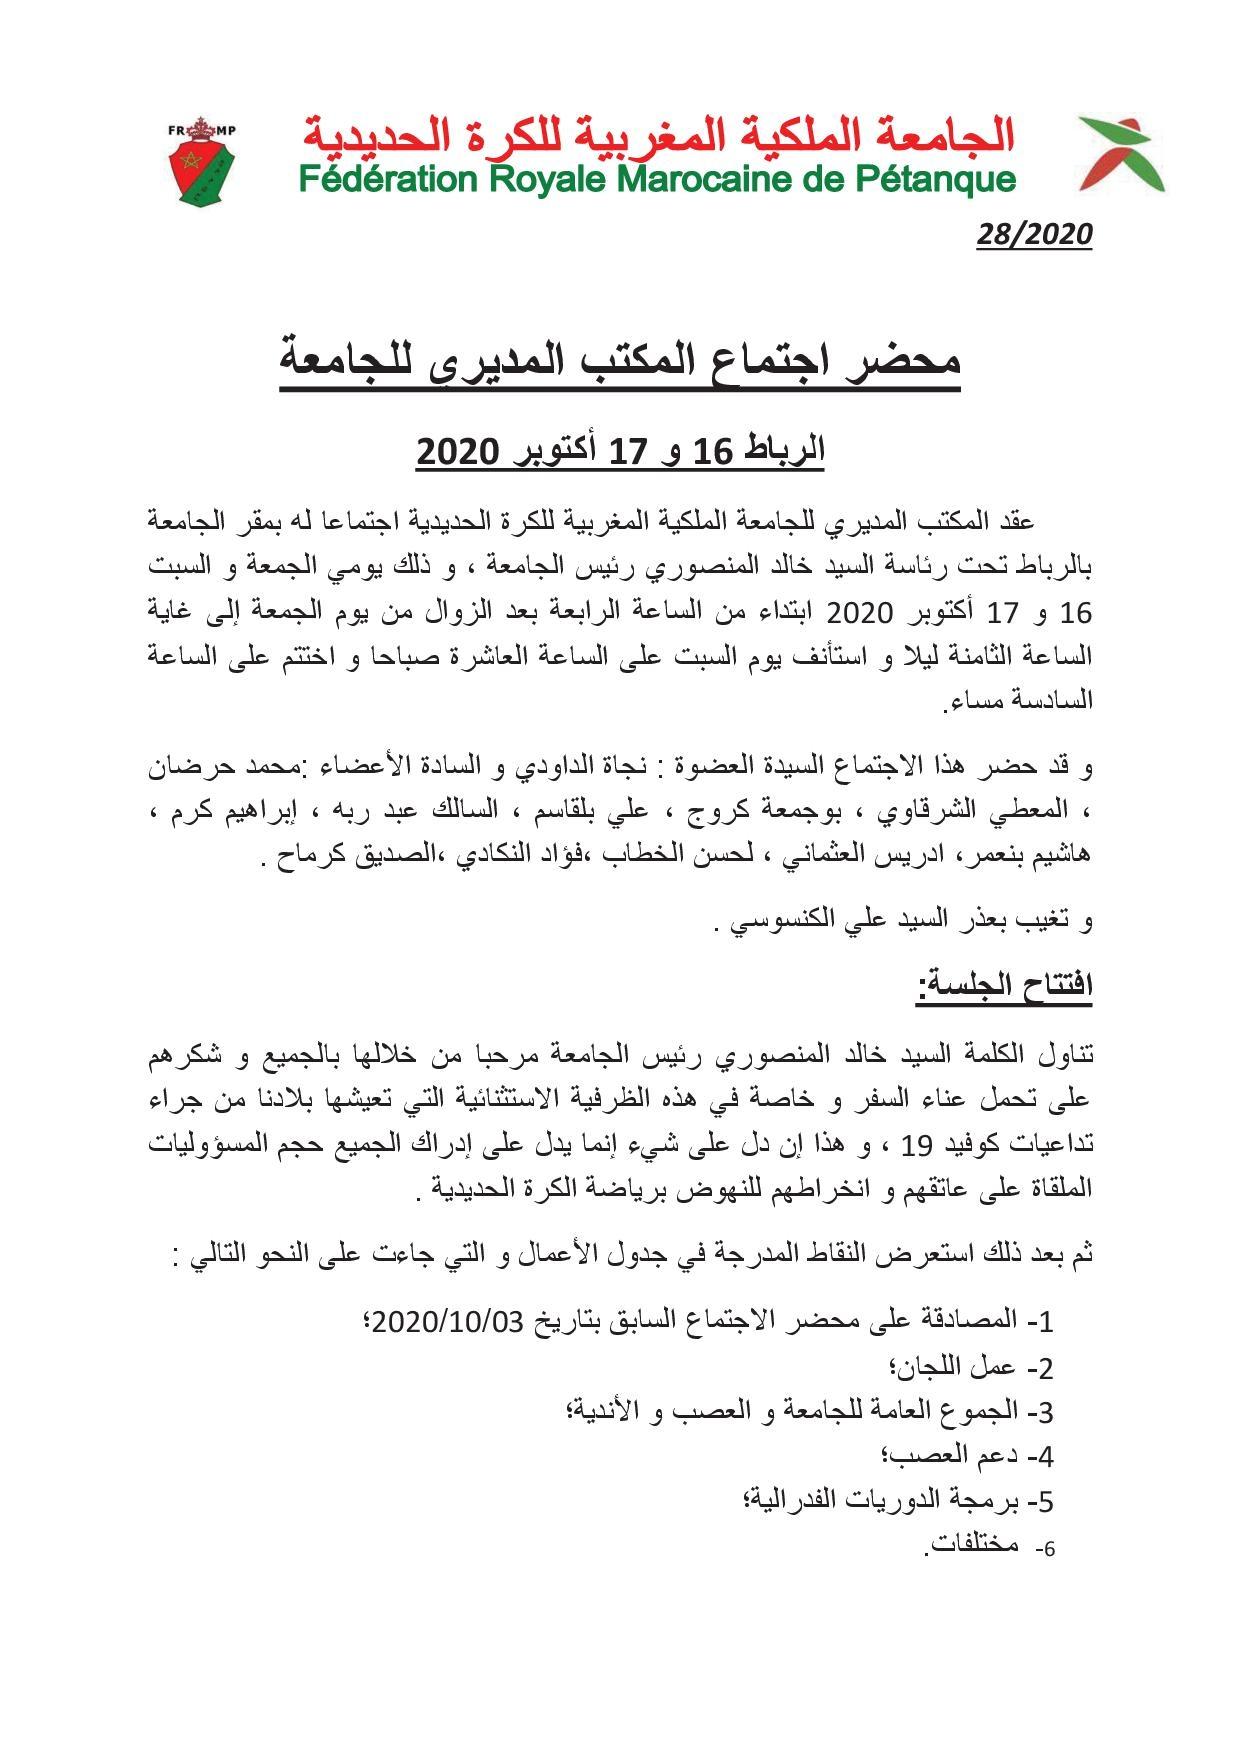 IFRMP PV N° 3 du 03/10/10/2020